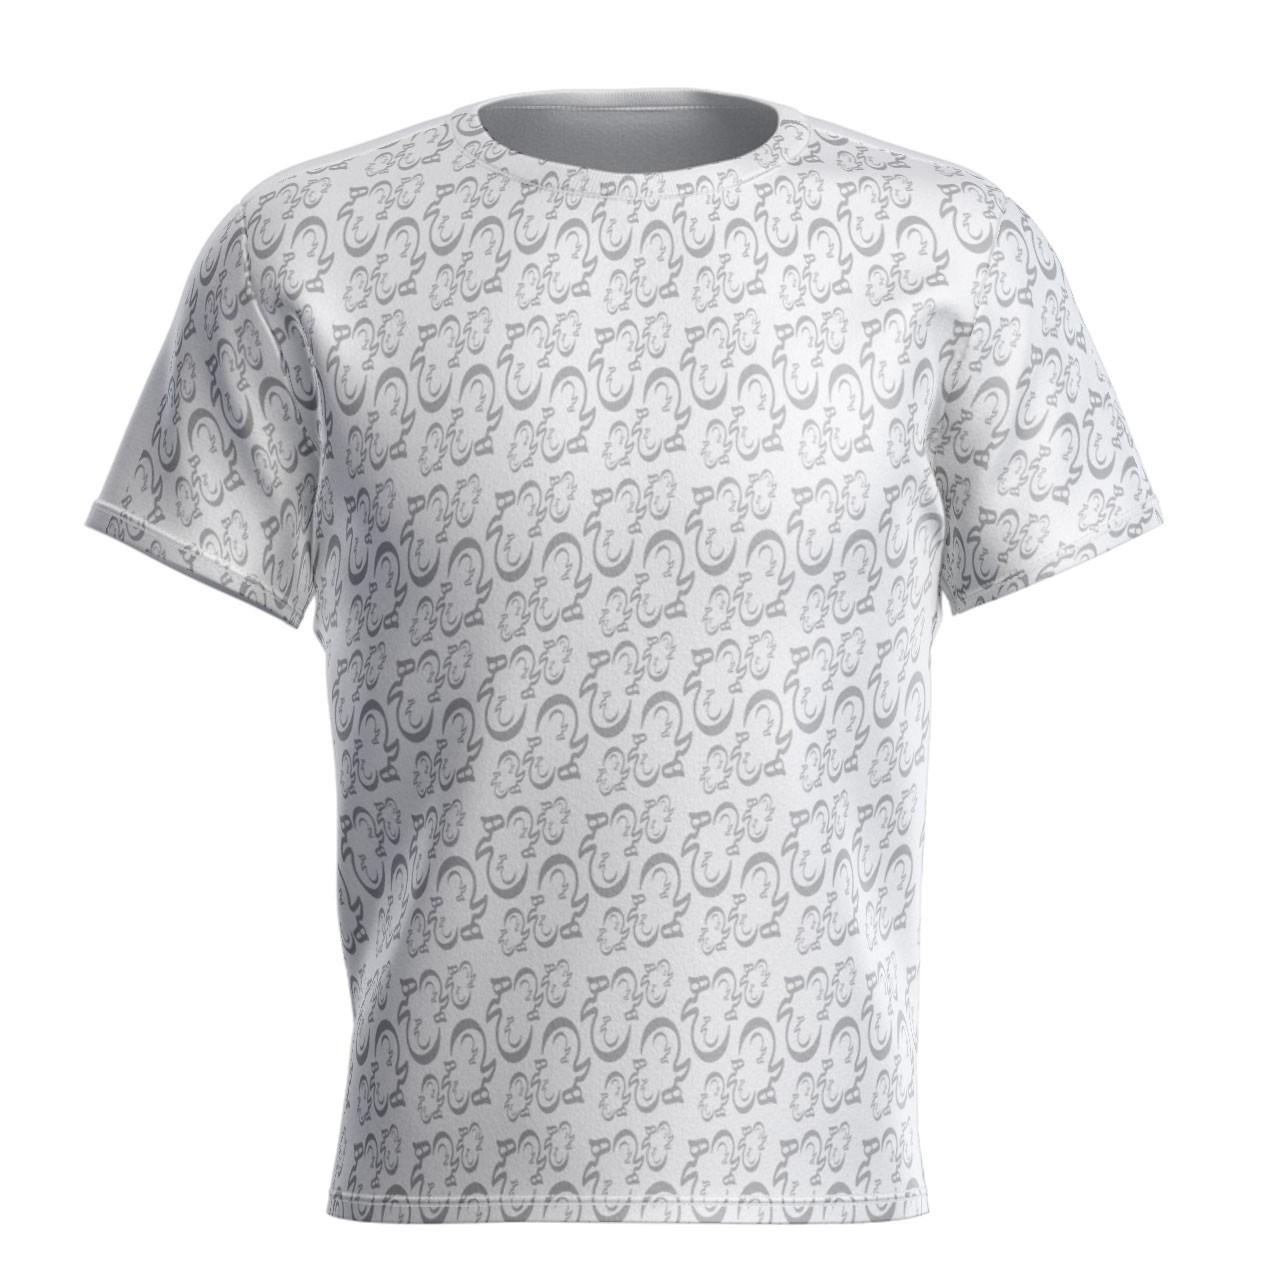 تی شرت تمام چاپ طرح هیچ